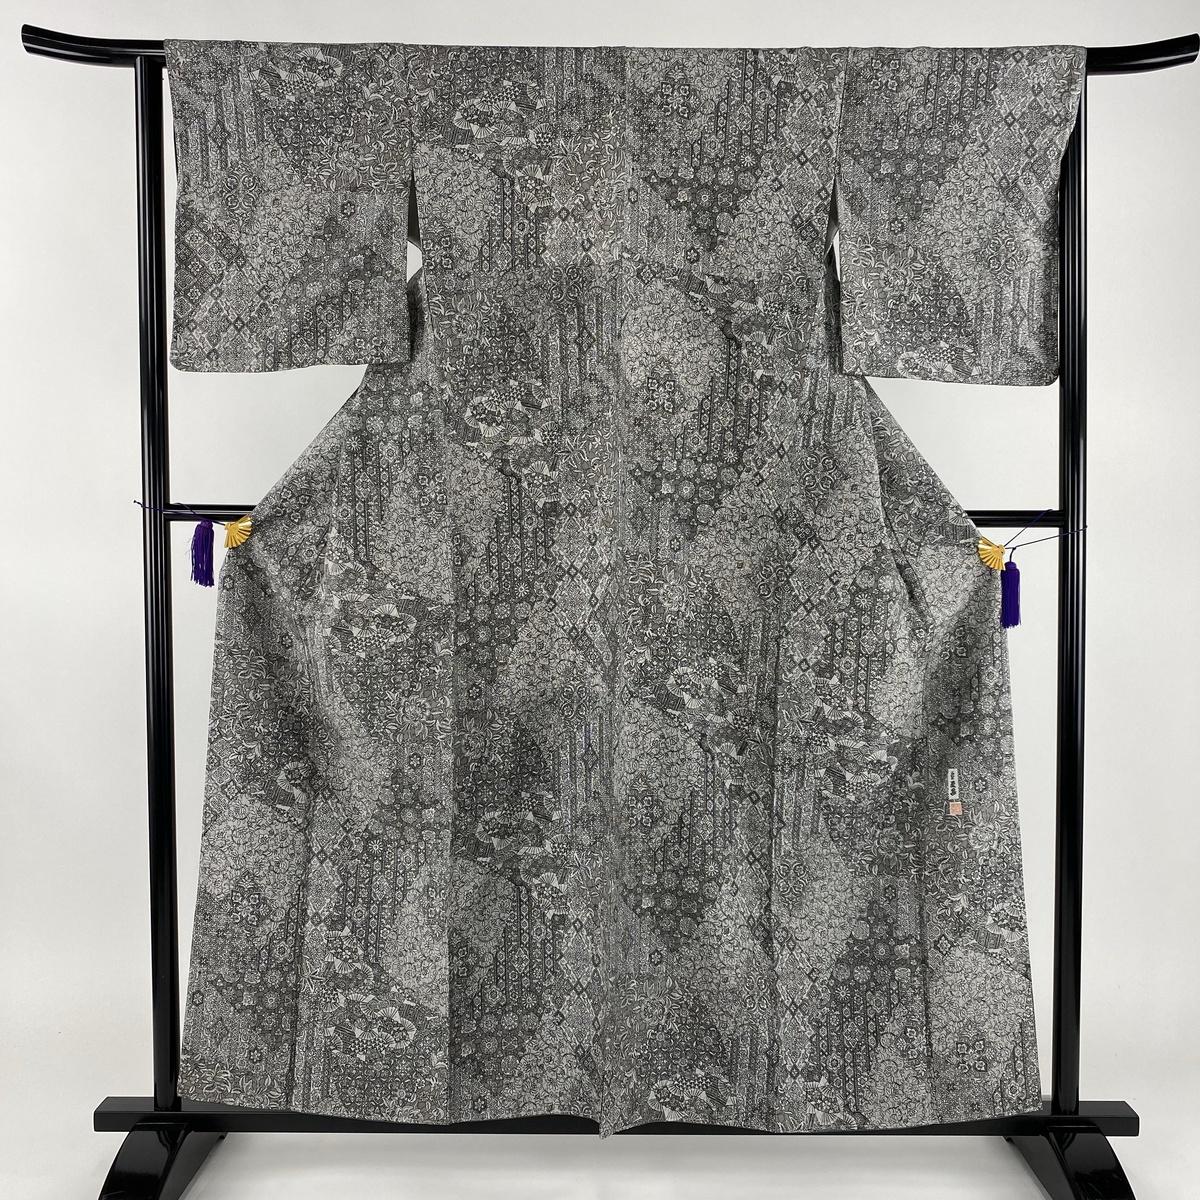 小紋 美品 名品 落款あり やまと 柄寄せ 草花 灰色 袷 身丈158cm 裄丈64cm M 正絹 【中古】